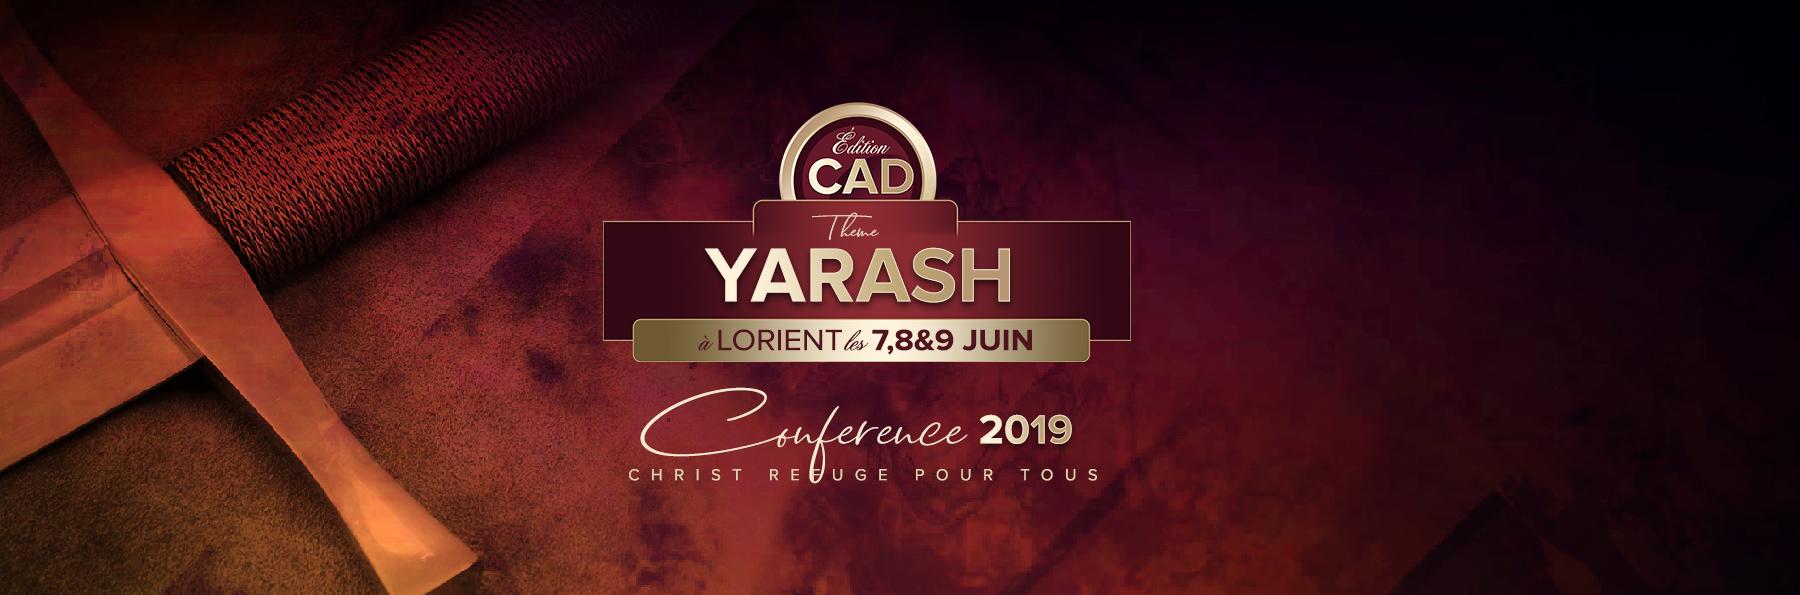 CAD 2019 Lorient